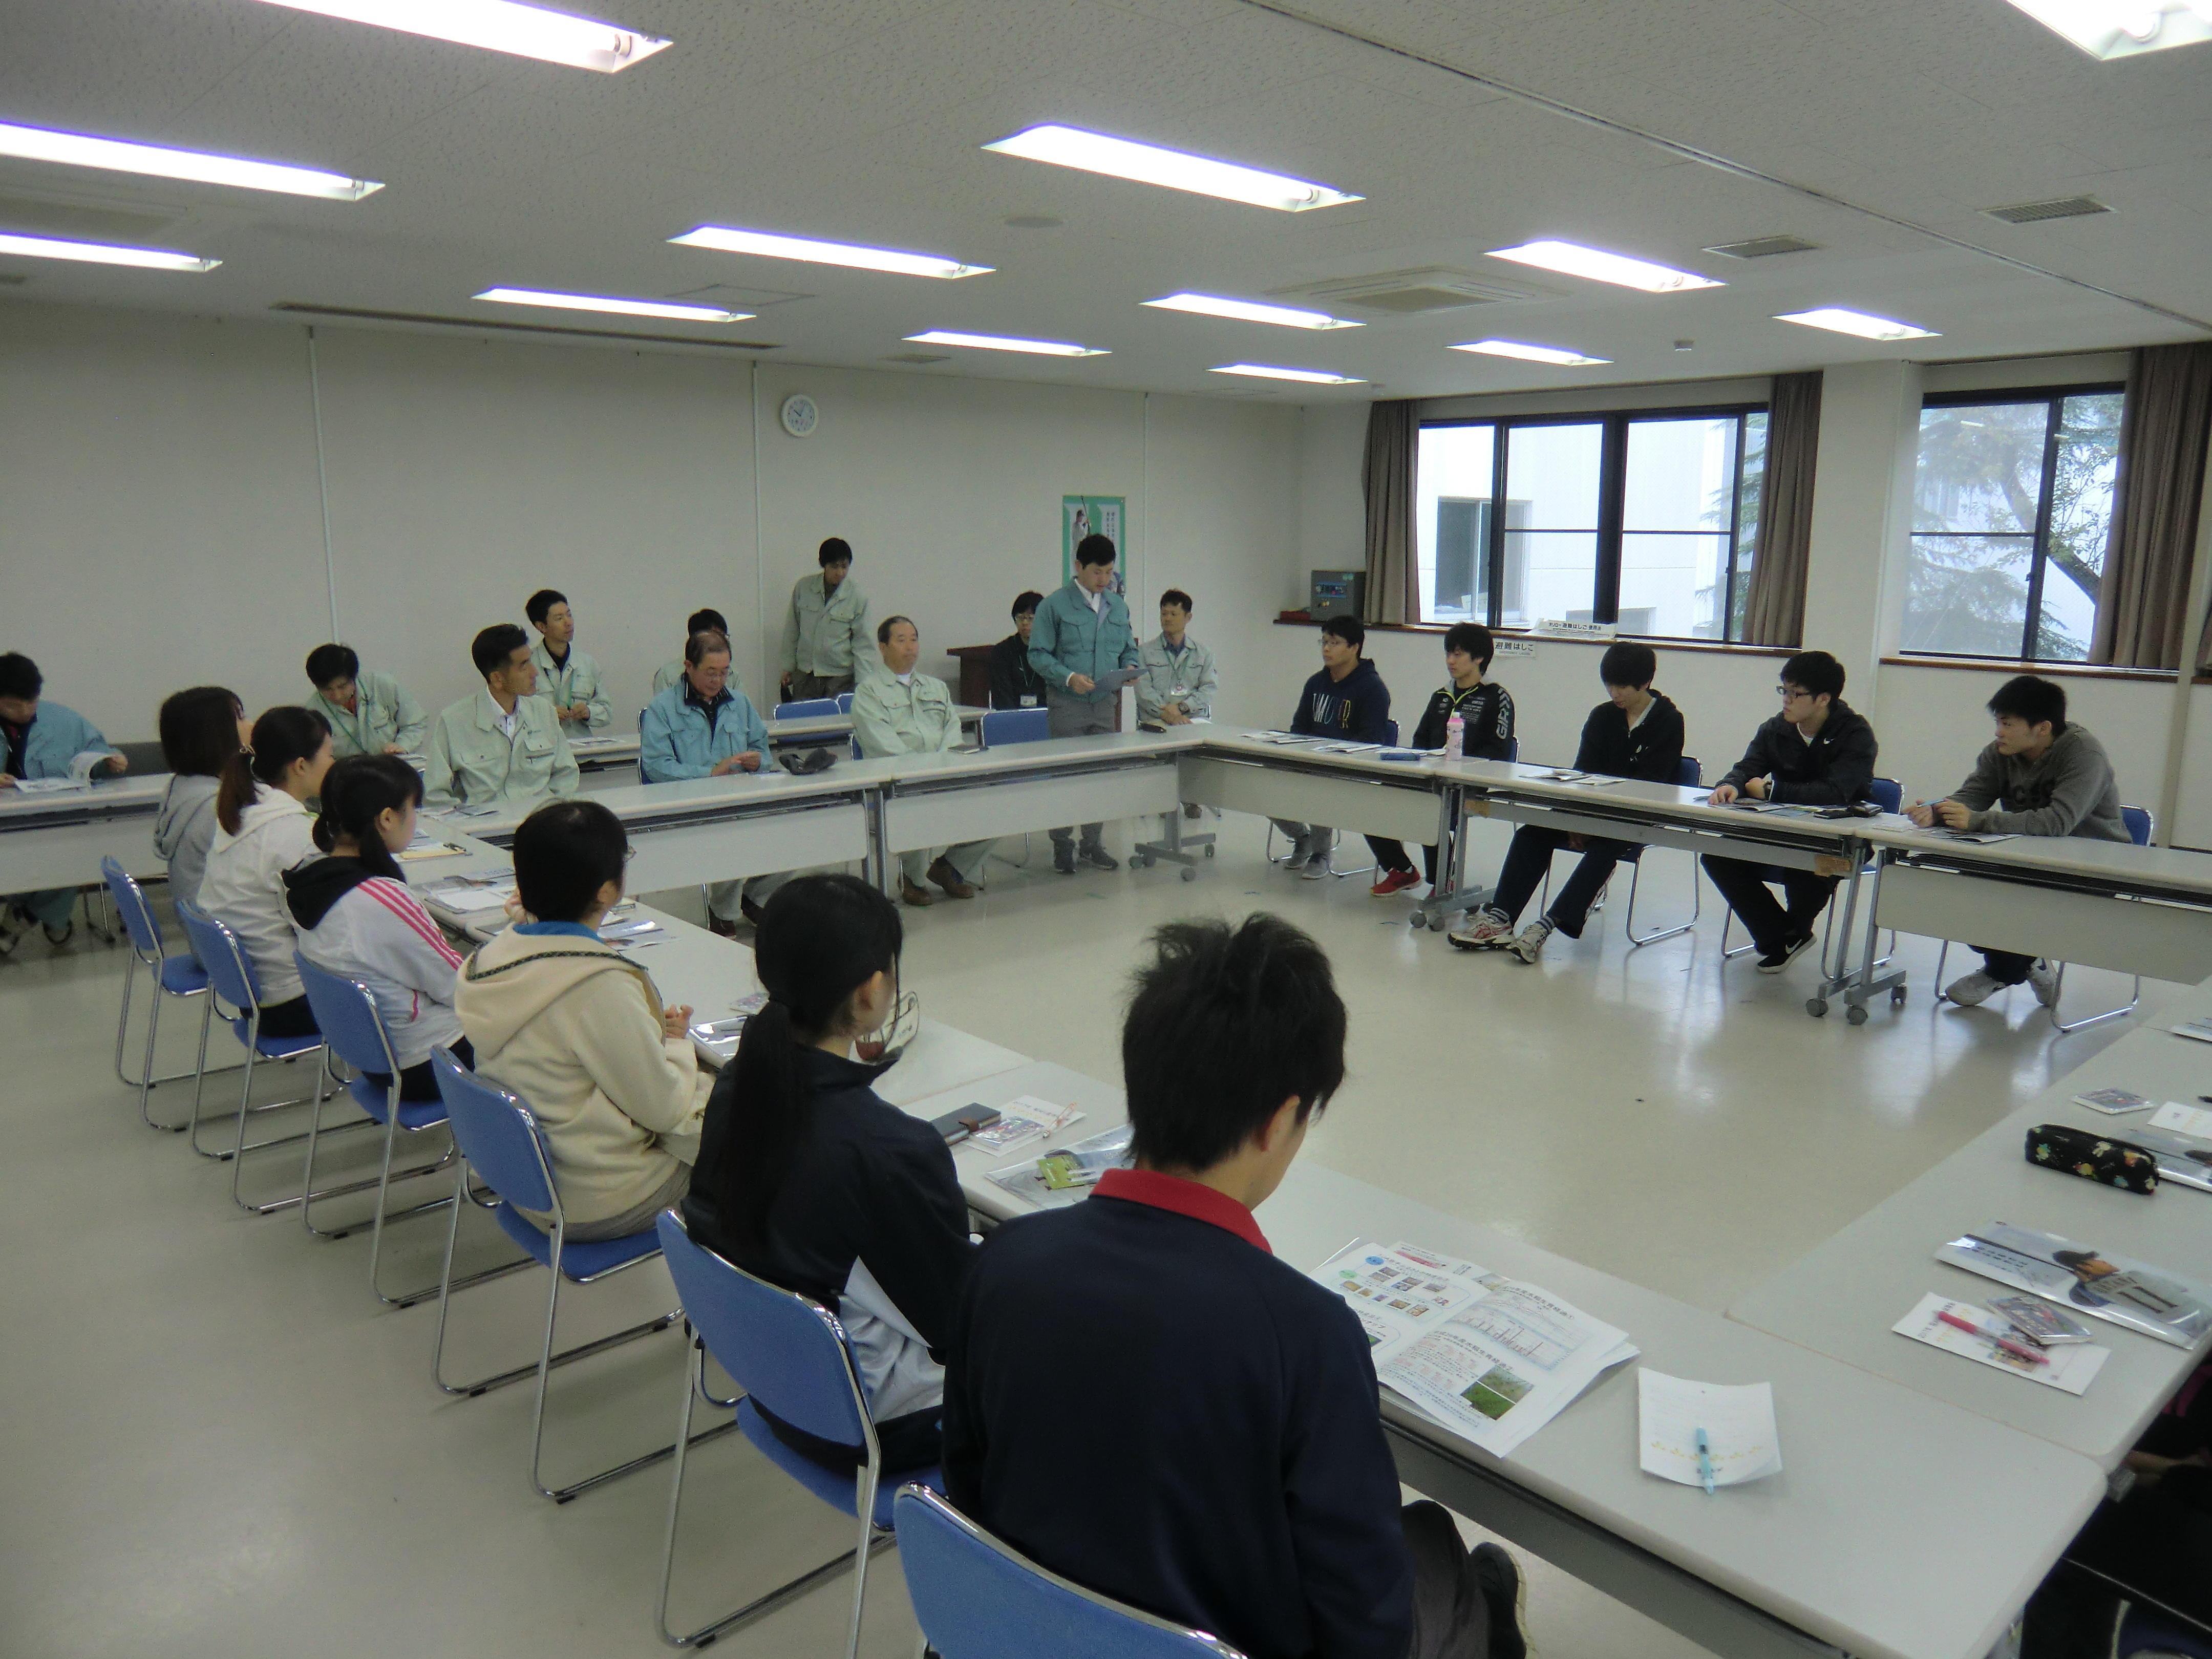 http://www.ucoop.or.jp/shouhin/shoku_shokuryo/sanchi/files/171007_iwate1.jpg